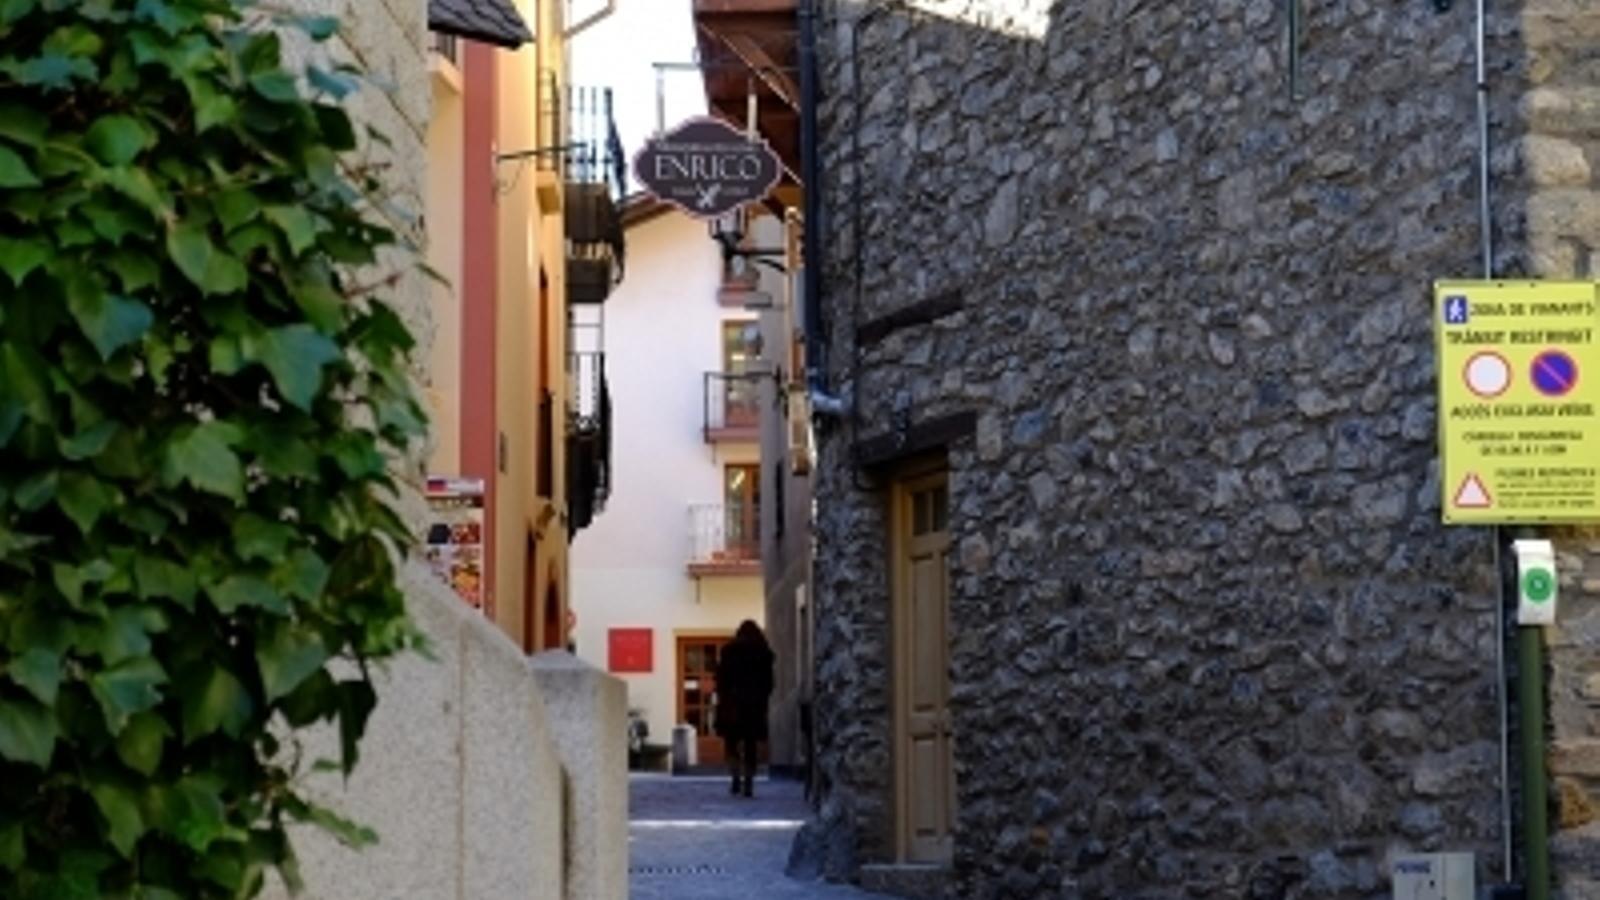 Una imatge del centre històric d'Andorra la Vella. / ARXIU ANA